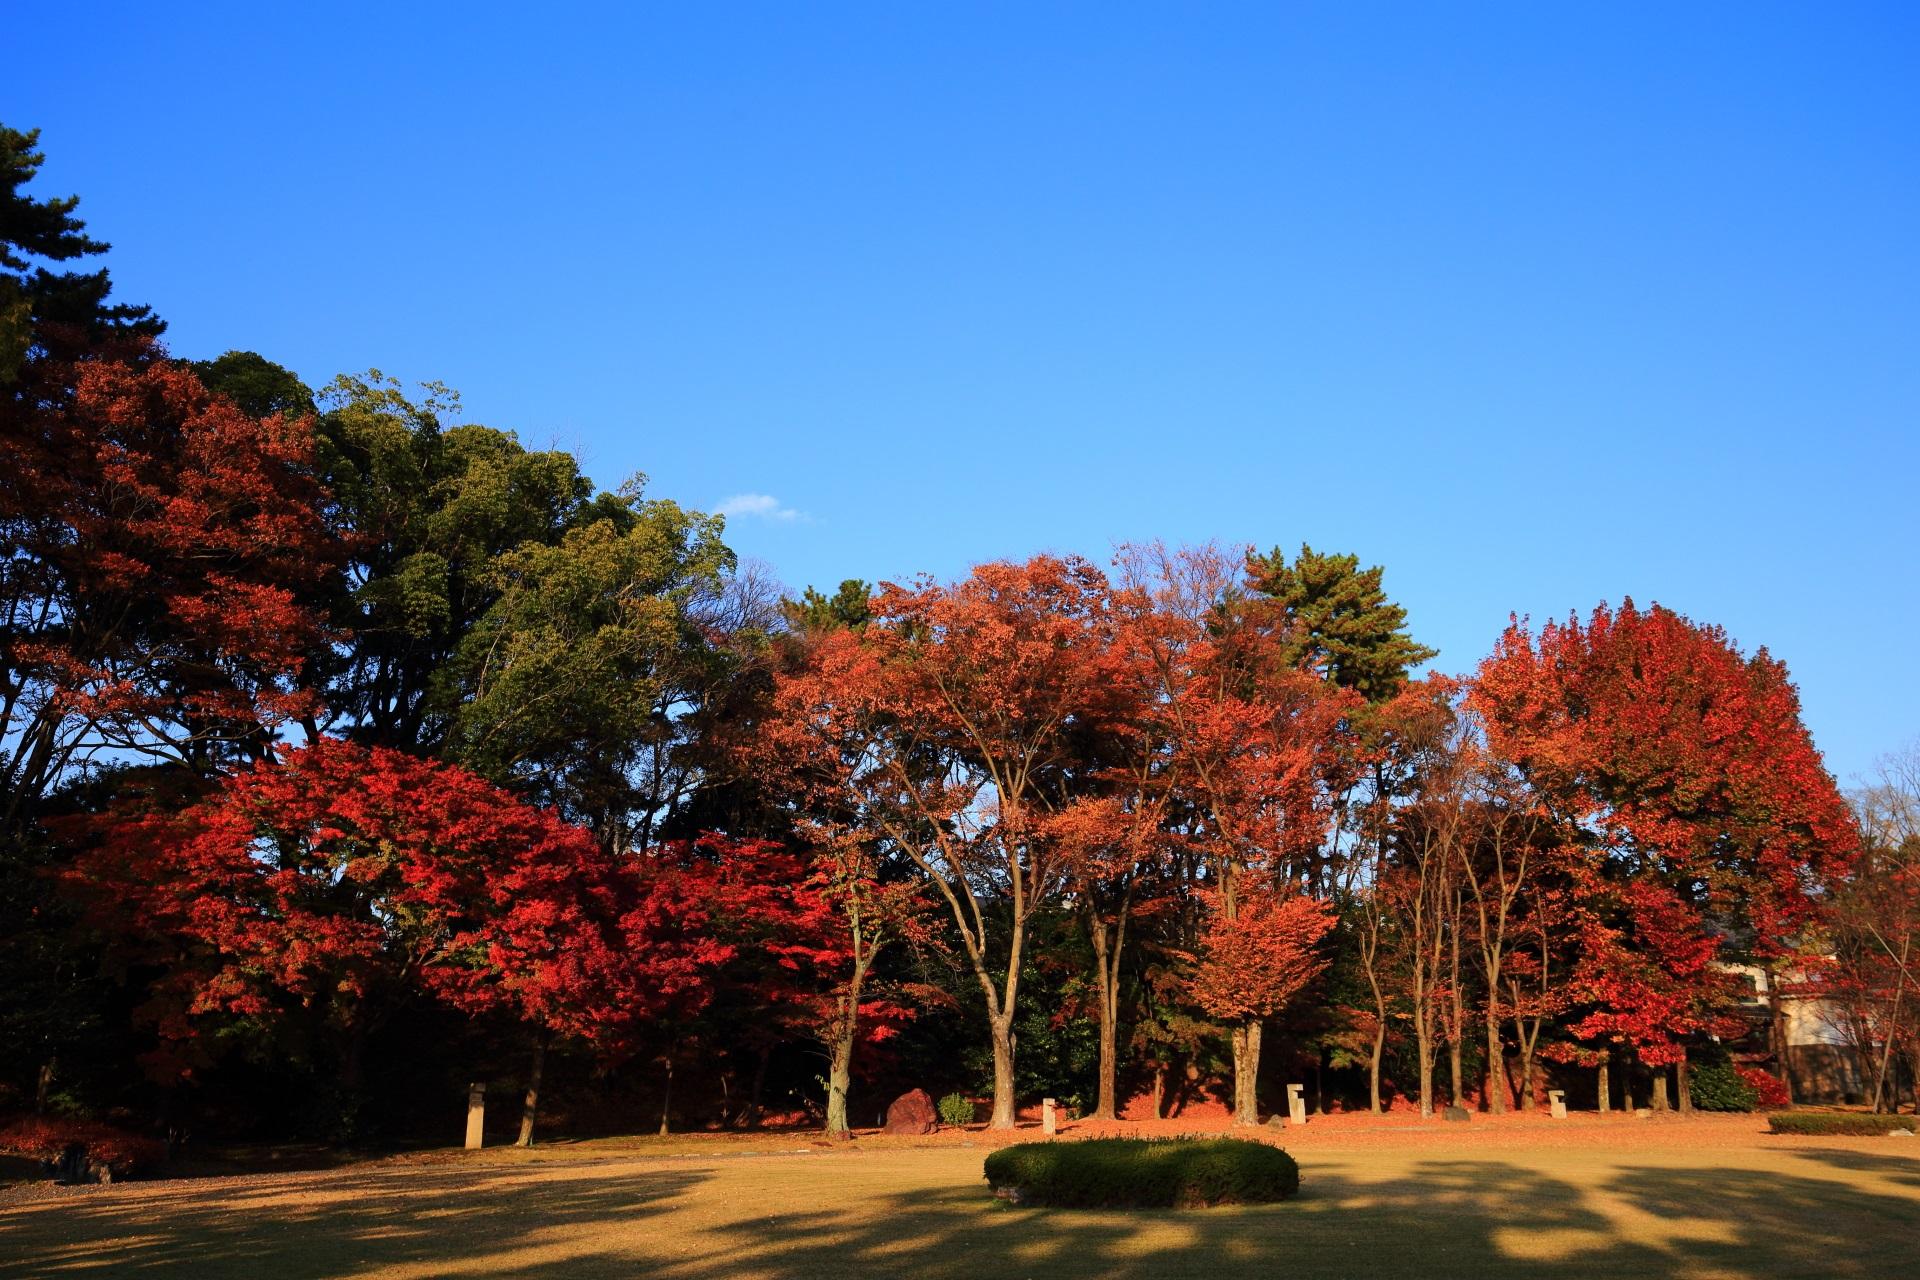 二条城の夕陽に照らされる鮮やかな紅葉